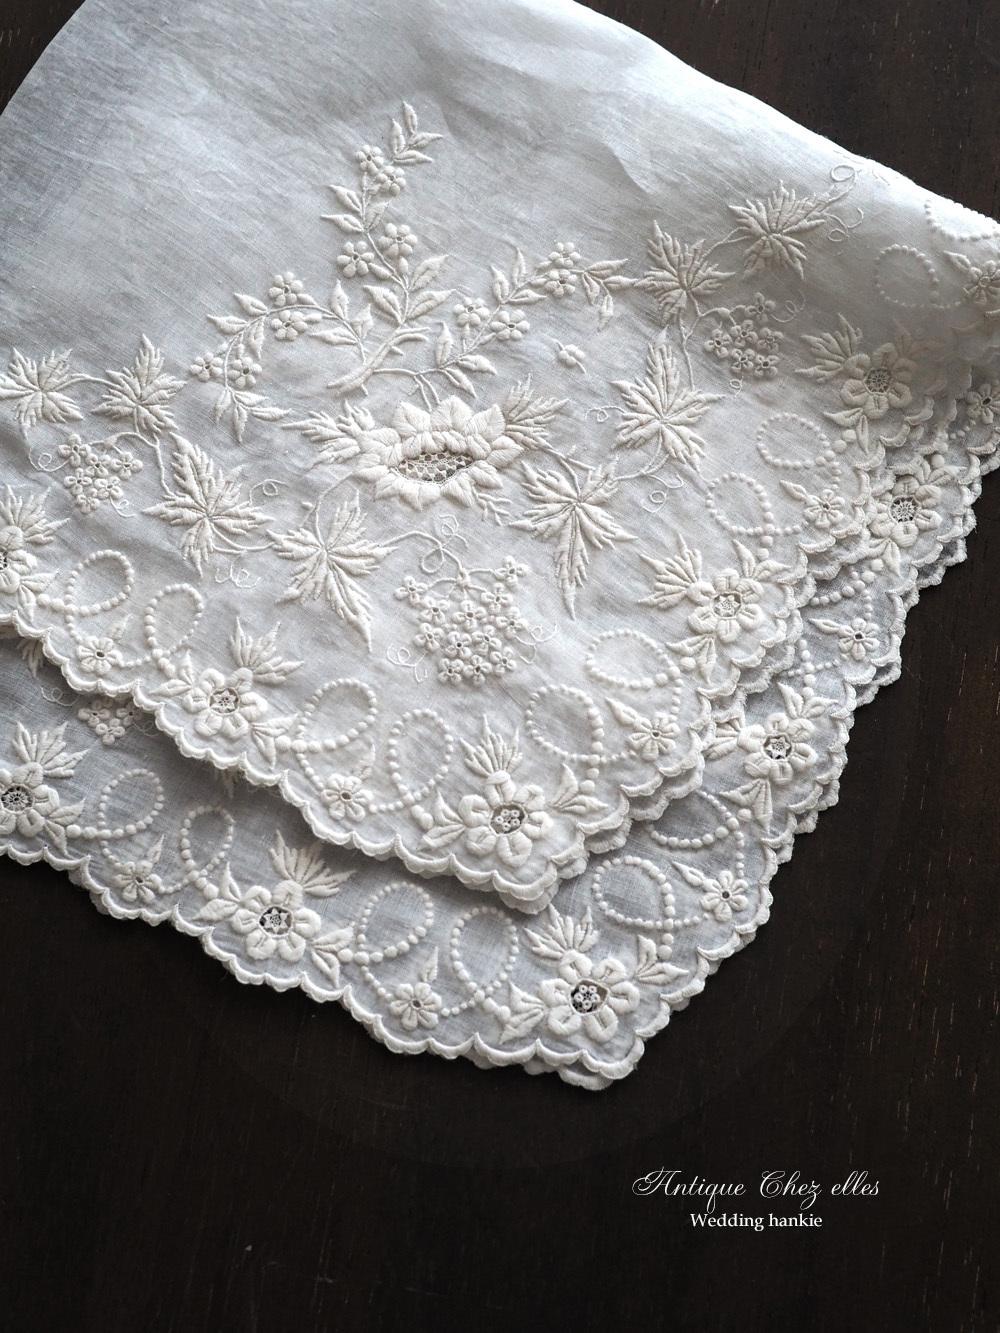 希少 白糸刺繡のウェディングハンカチーフ